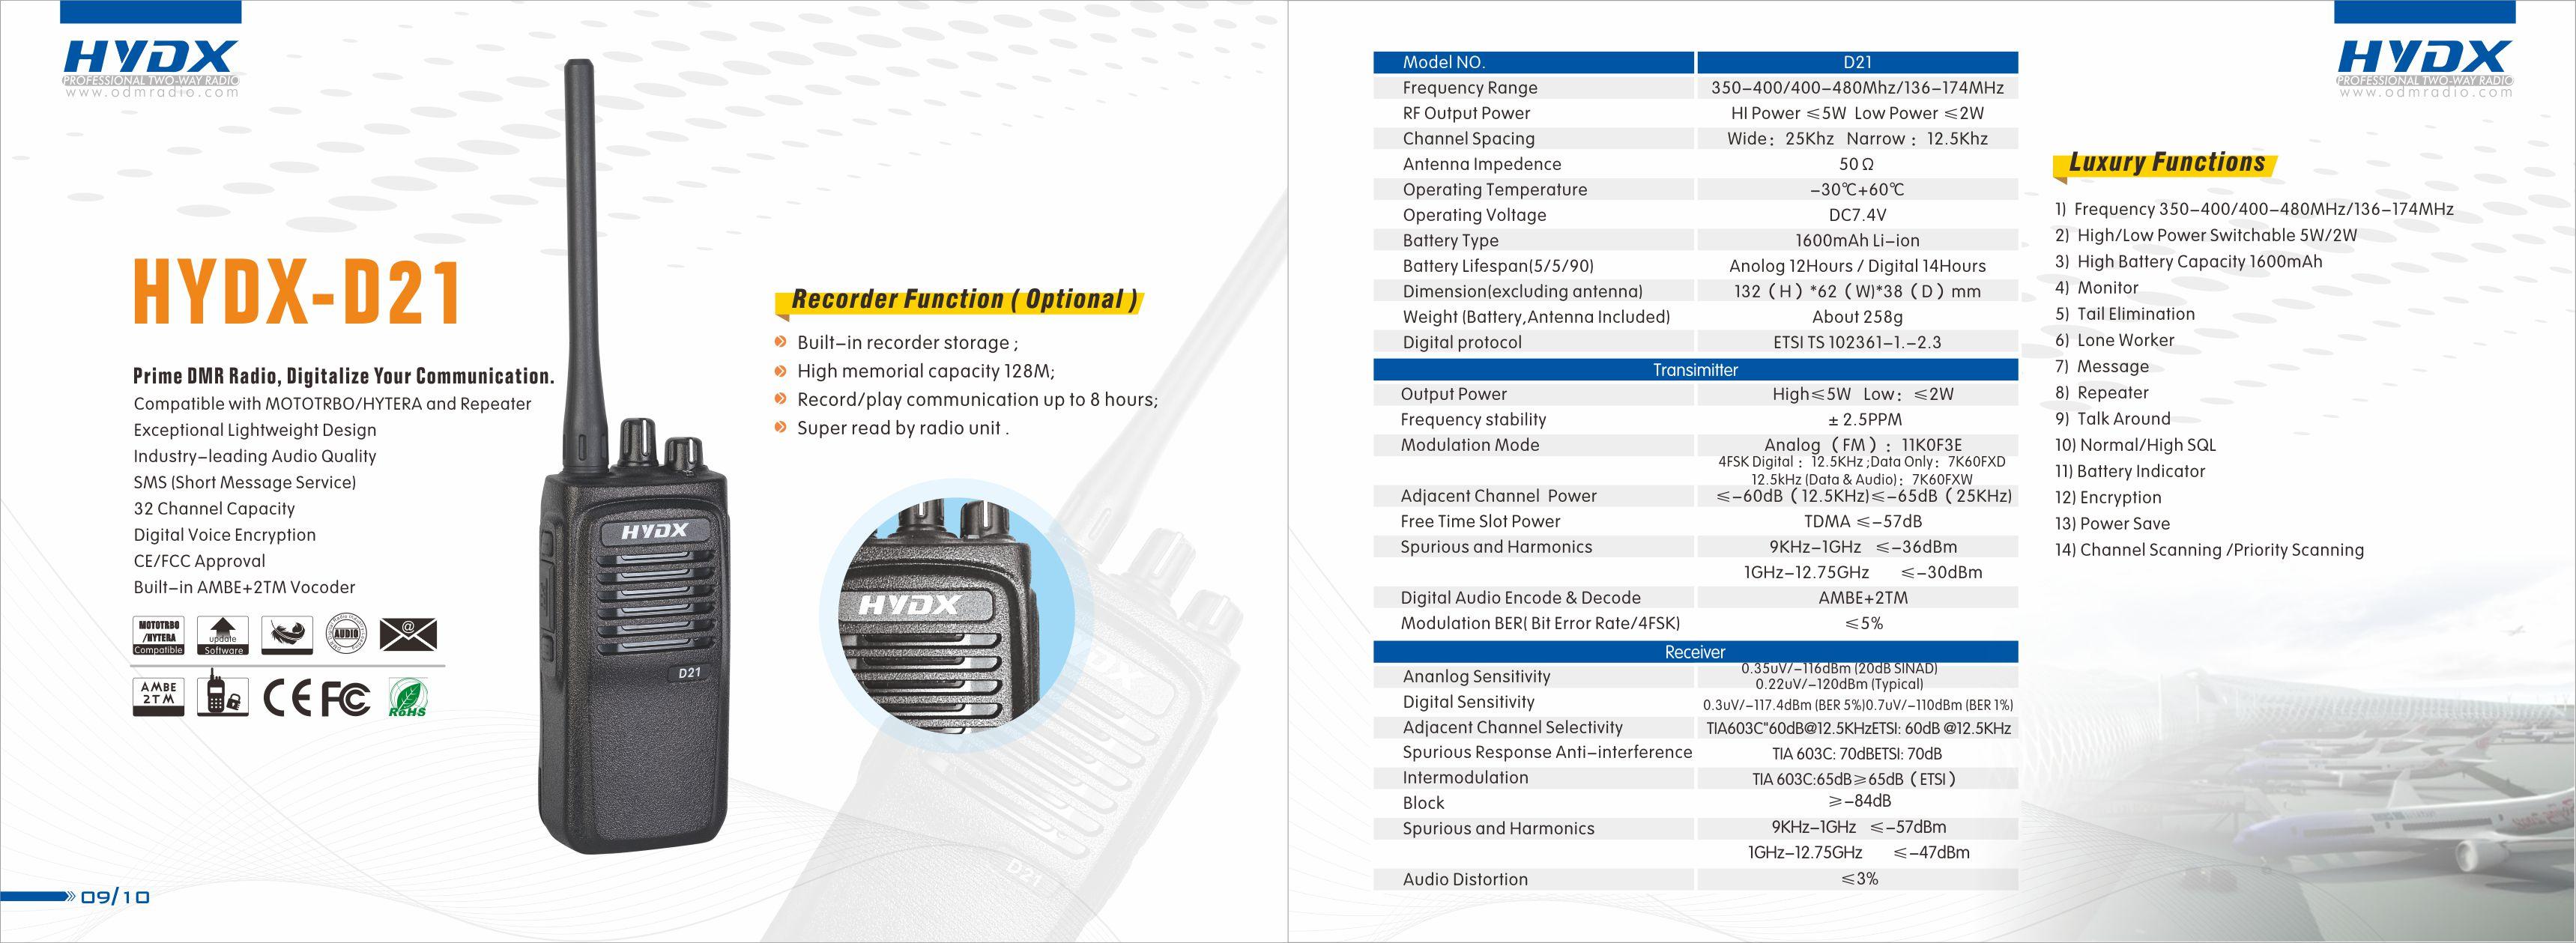 Professional DMR /dPMR Digital Radio Manufacturer